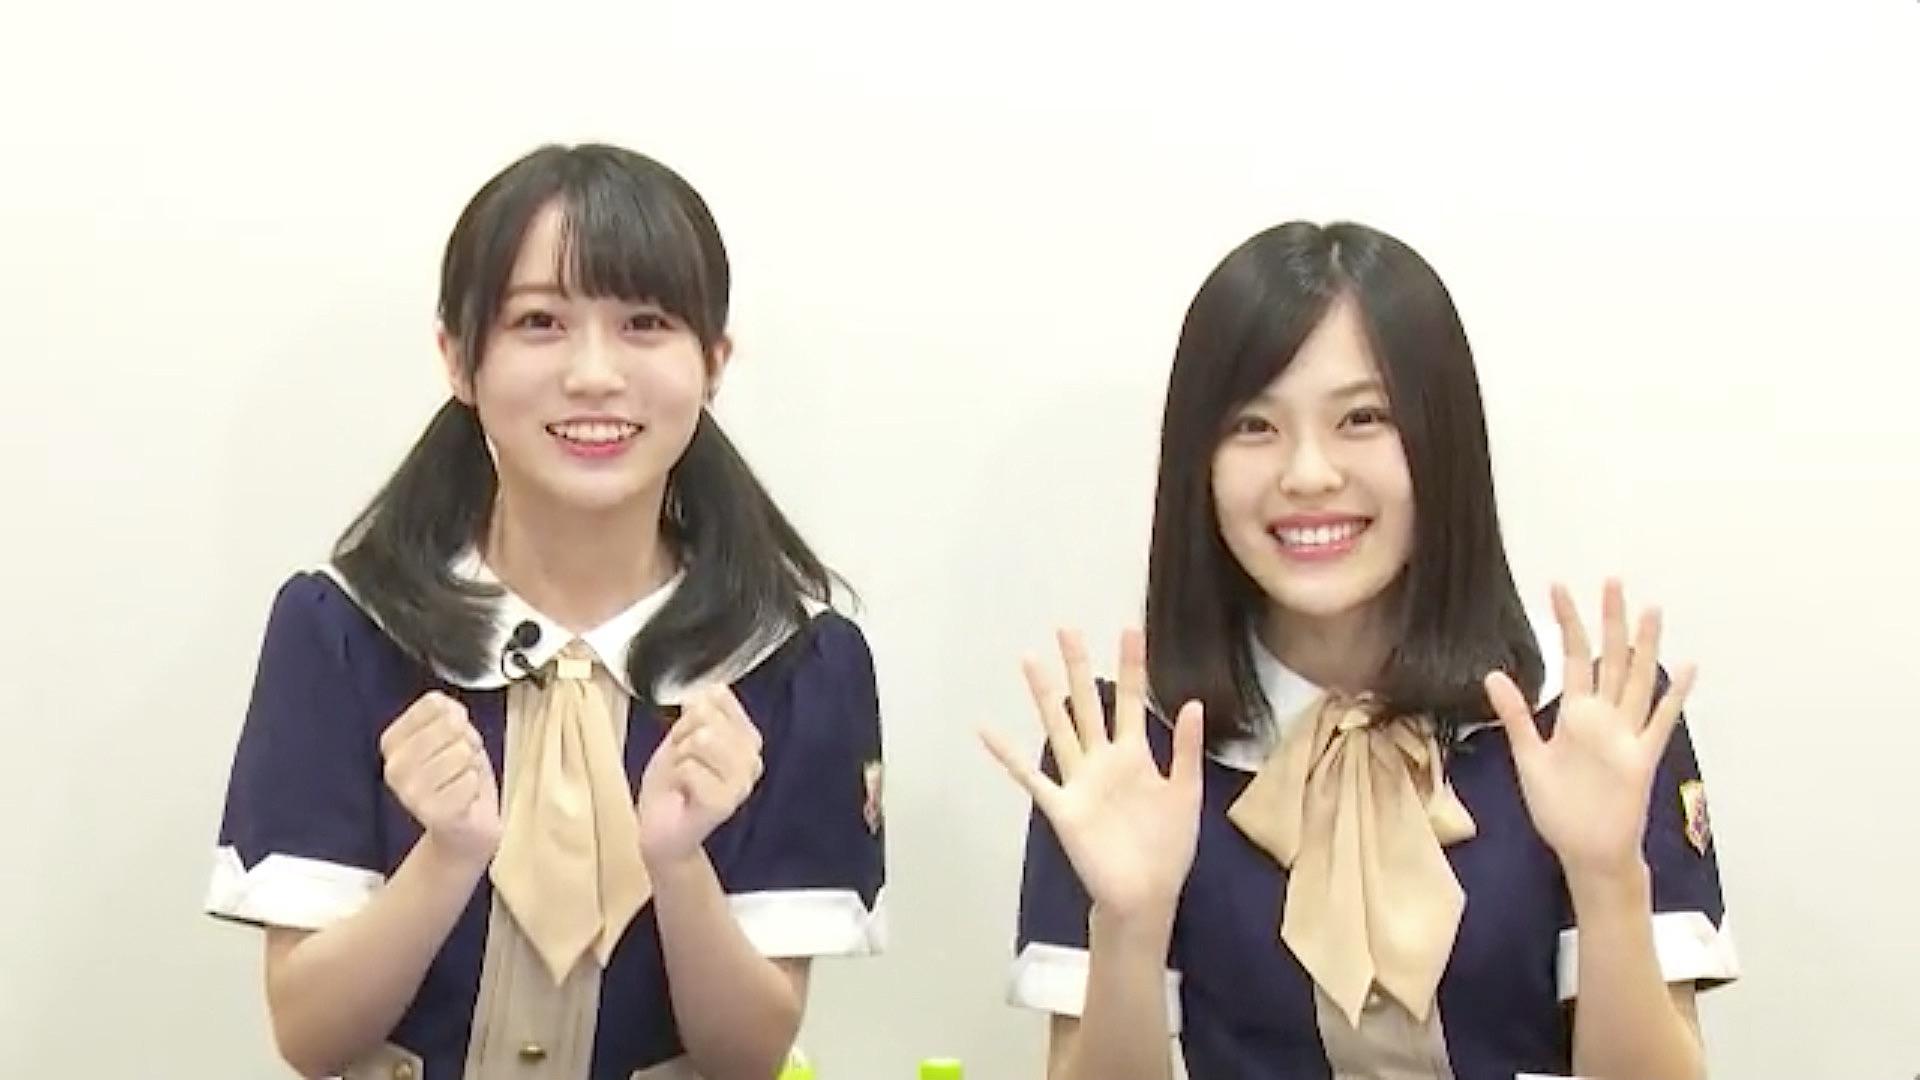 乃木坂46「猫舌SHOWROOM」 矢久保美緒 柴田柚菜